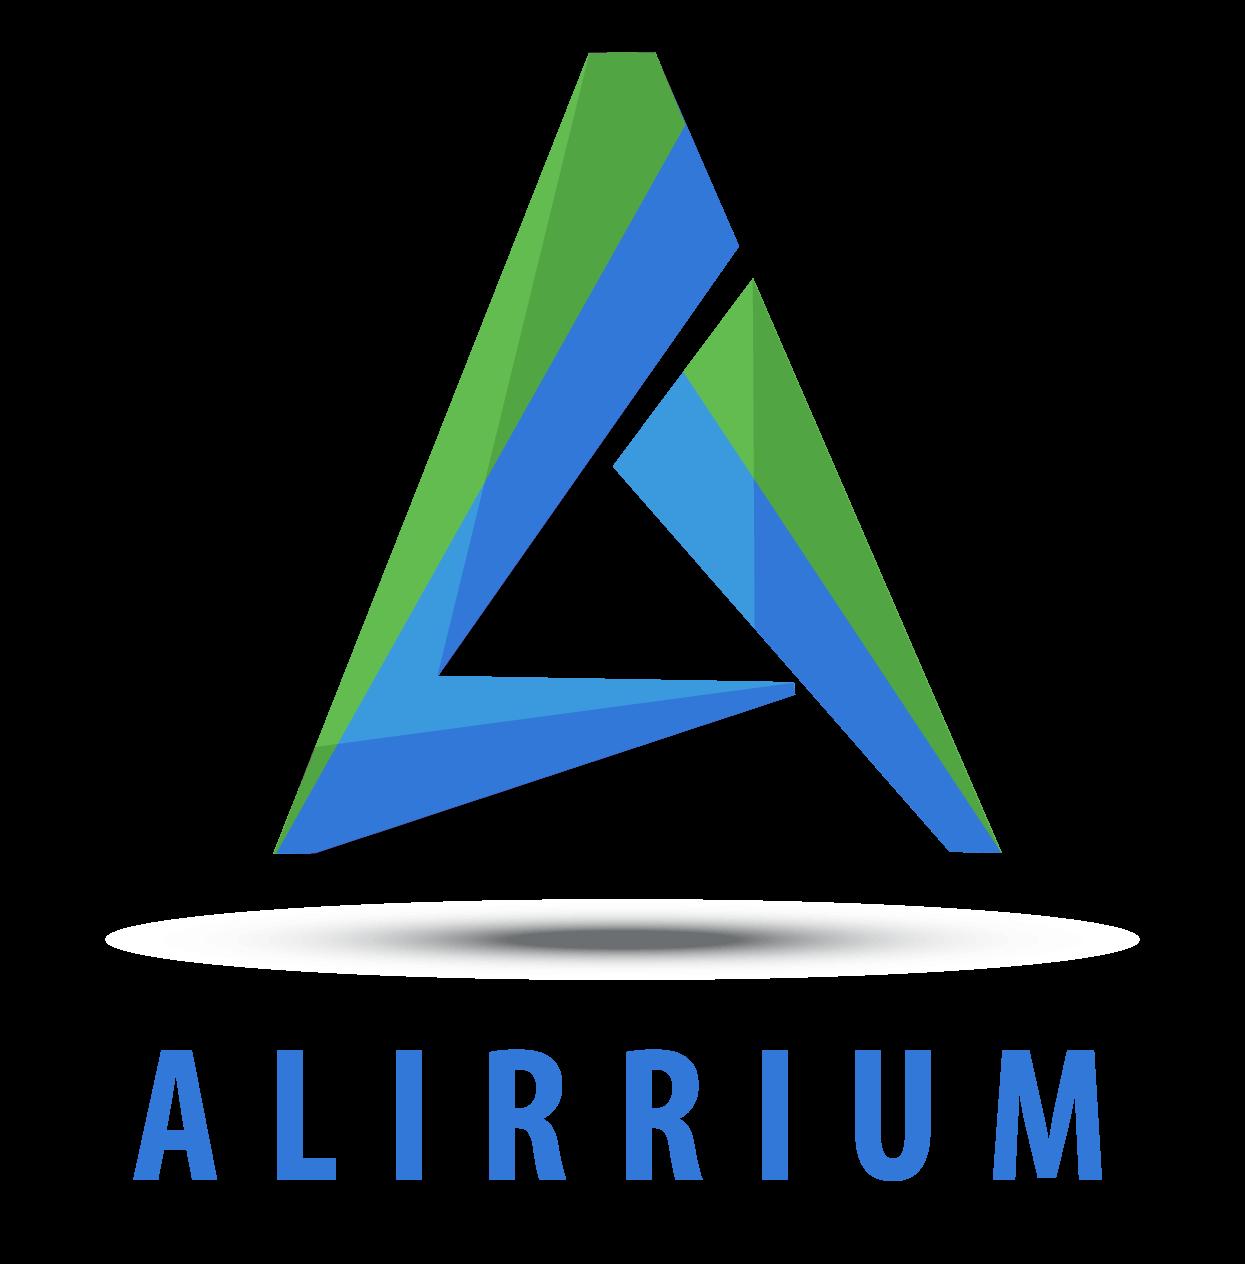 Alirrium-Vertical-logo